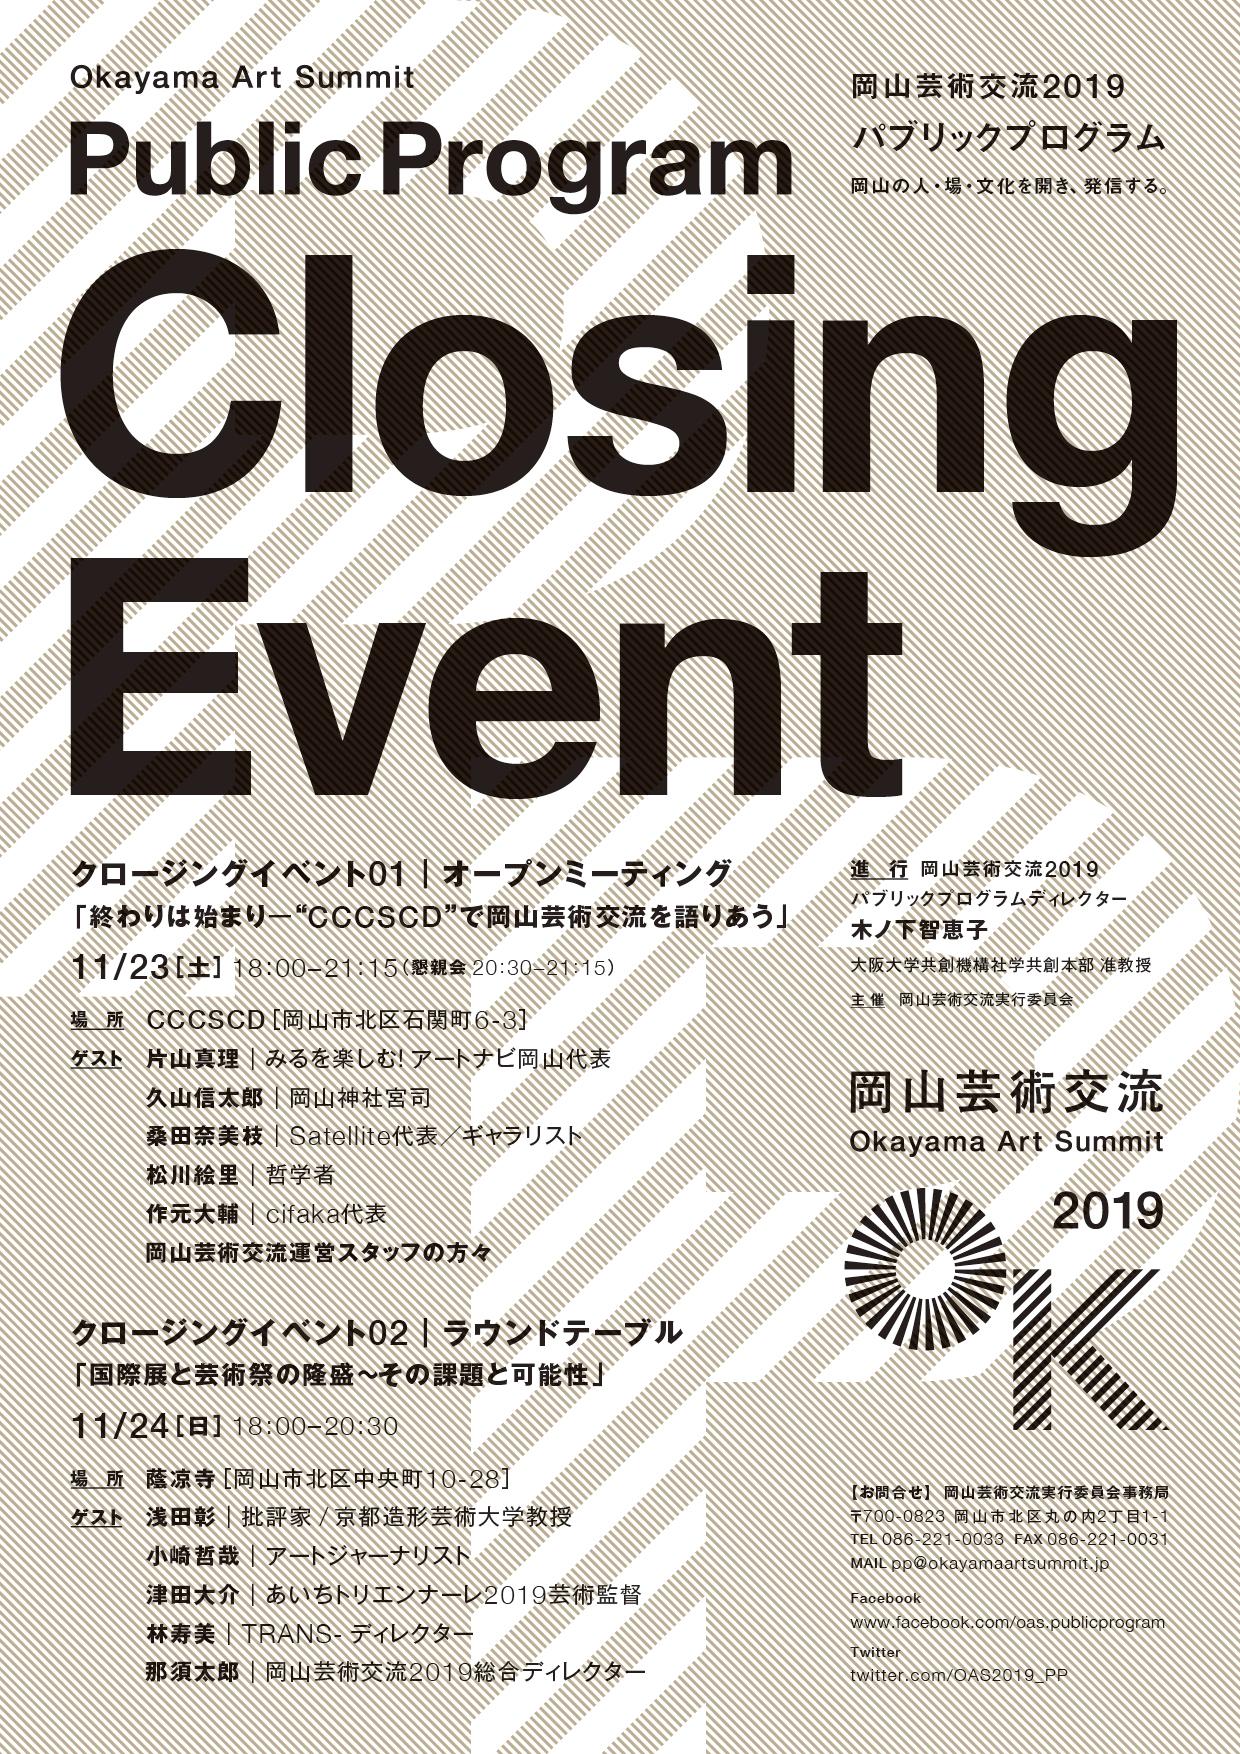 ※終了しました【11/24(日)18:00〜】クロージングイベント02ラウンドテーブル「国際展と芸術祭の隆盛〜その課題と可能性」